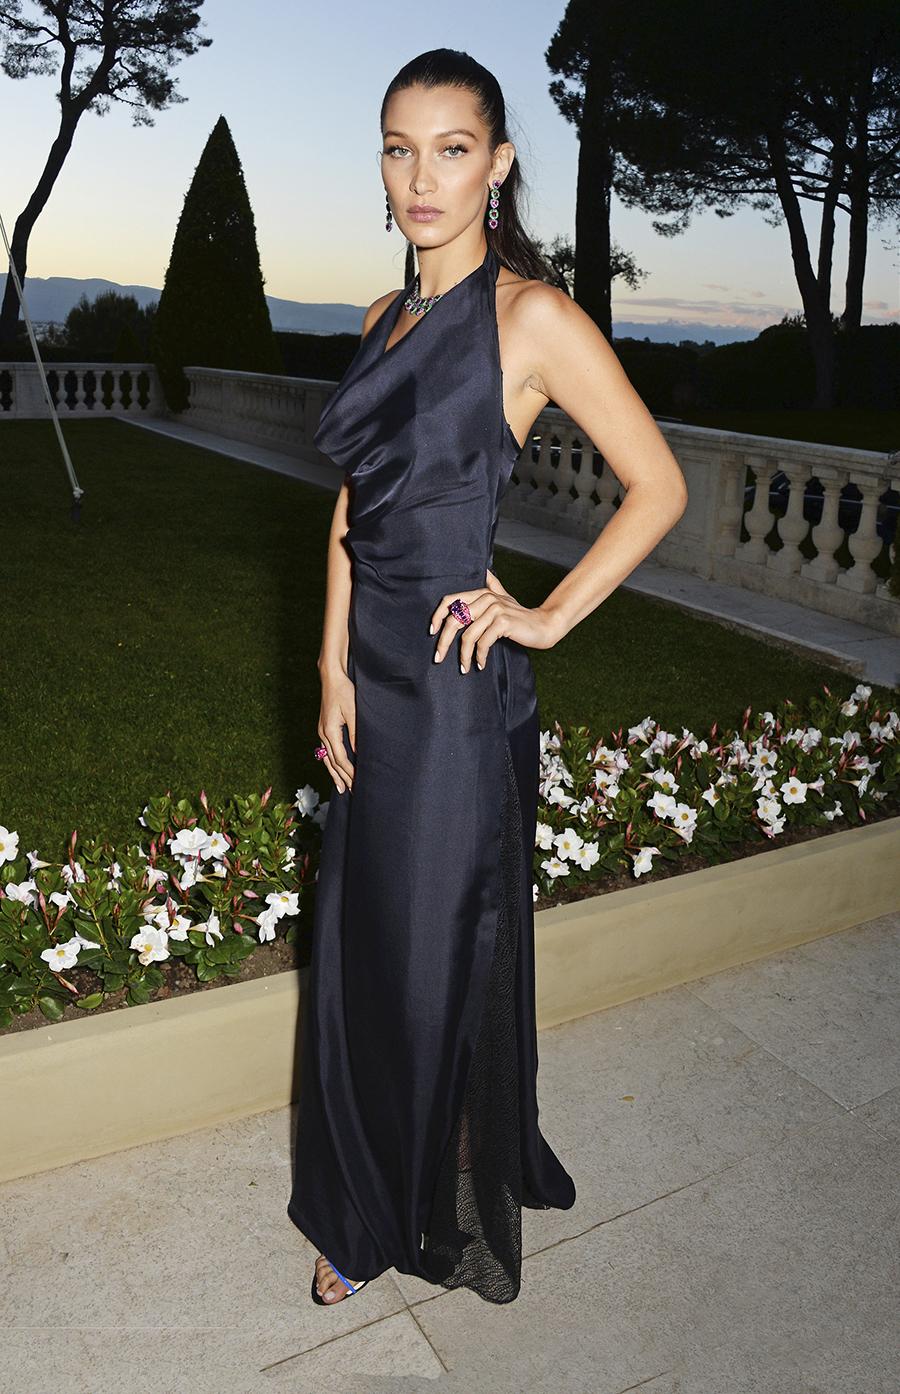 칸 영화제의 디너 파티에서 디올의 홀터넥 드레스로 우아한 존재감을 드러낸 <strong>벨라 하디드</strong>